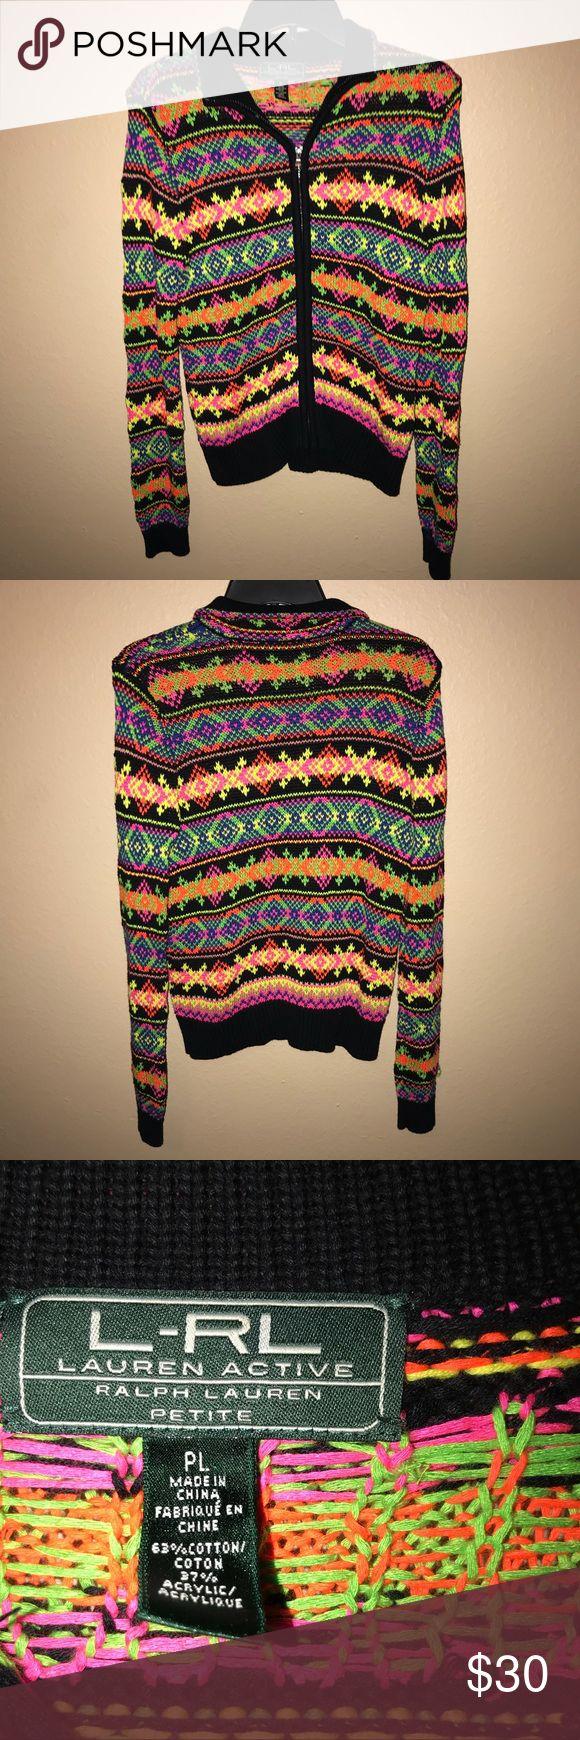 🌸RalphLauren Active Sweater ✨ Neon colored Active Ralph Lauren sweater Petite large Lauren Ralph Lauren Jackets & Coats